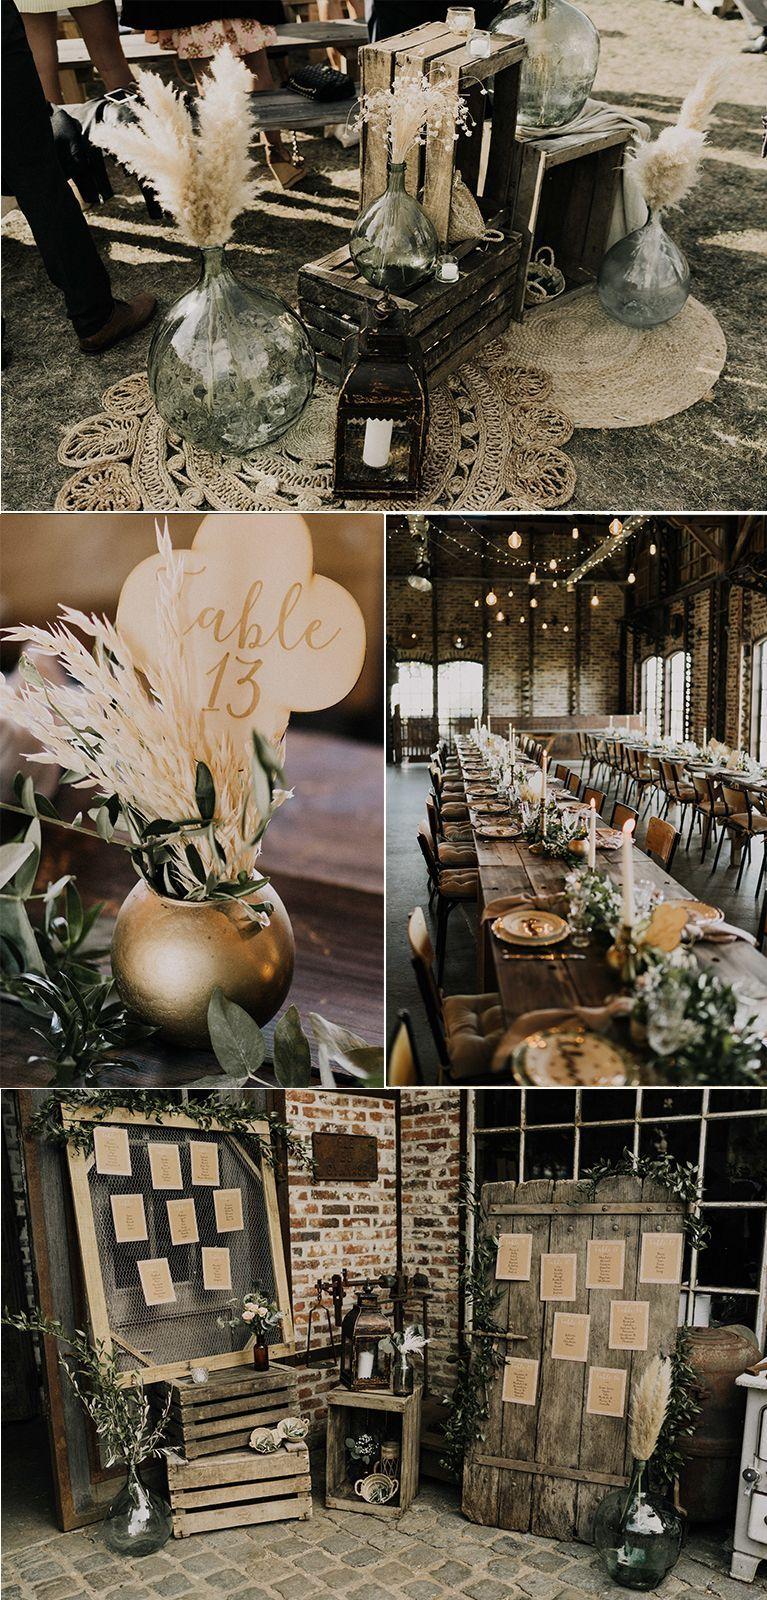 wedding decorations 443886107019969301 -  Mariage de Madmoiselle sooz La décoration Déco cérémonie laique : les 10 indispensables pour votre mariage plan de table DIY #déco #MARIAGE #wedding #outdoorwedding  Source by misty2816